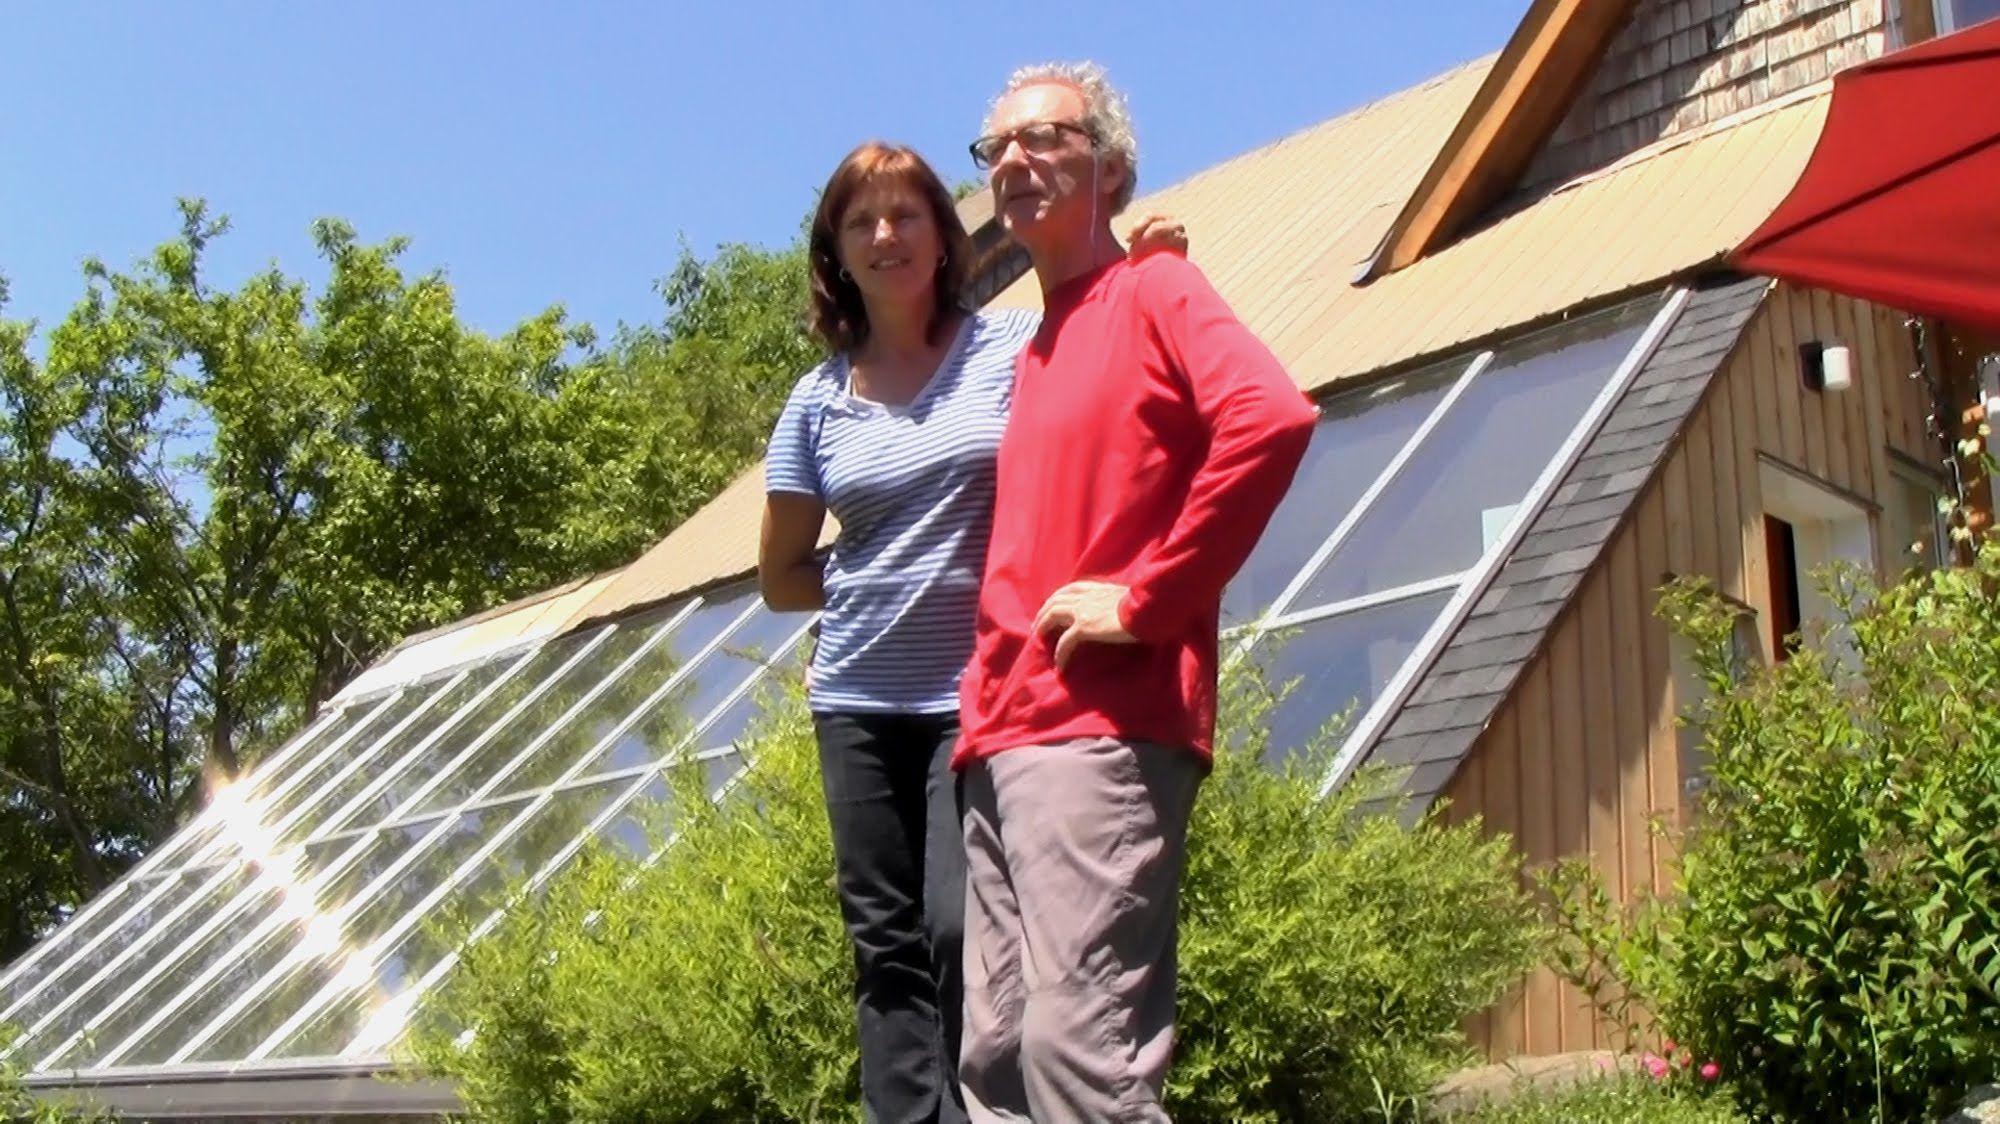 visite d 39 une maison solaire avec serre de culture r sidentielle en estrie au qu bec avec ses. Black Bedroom Furniture Sets. Home Design Ideas